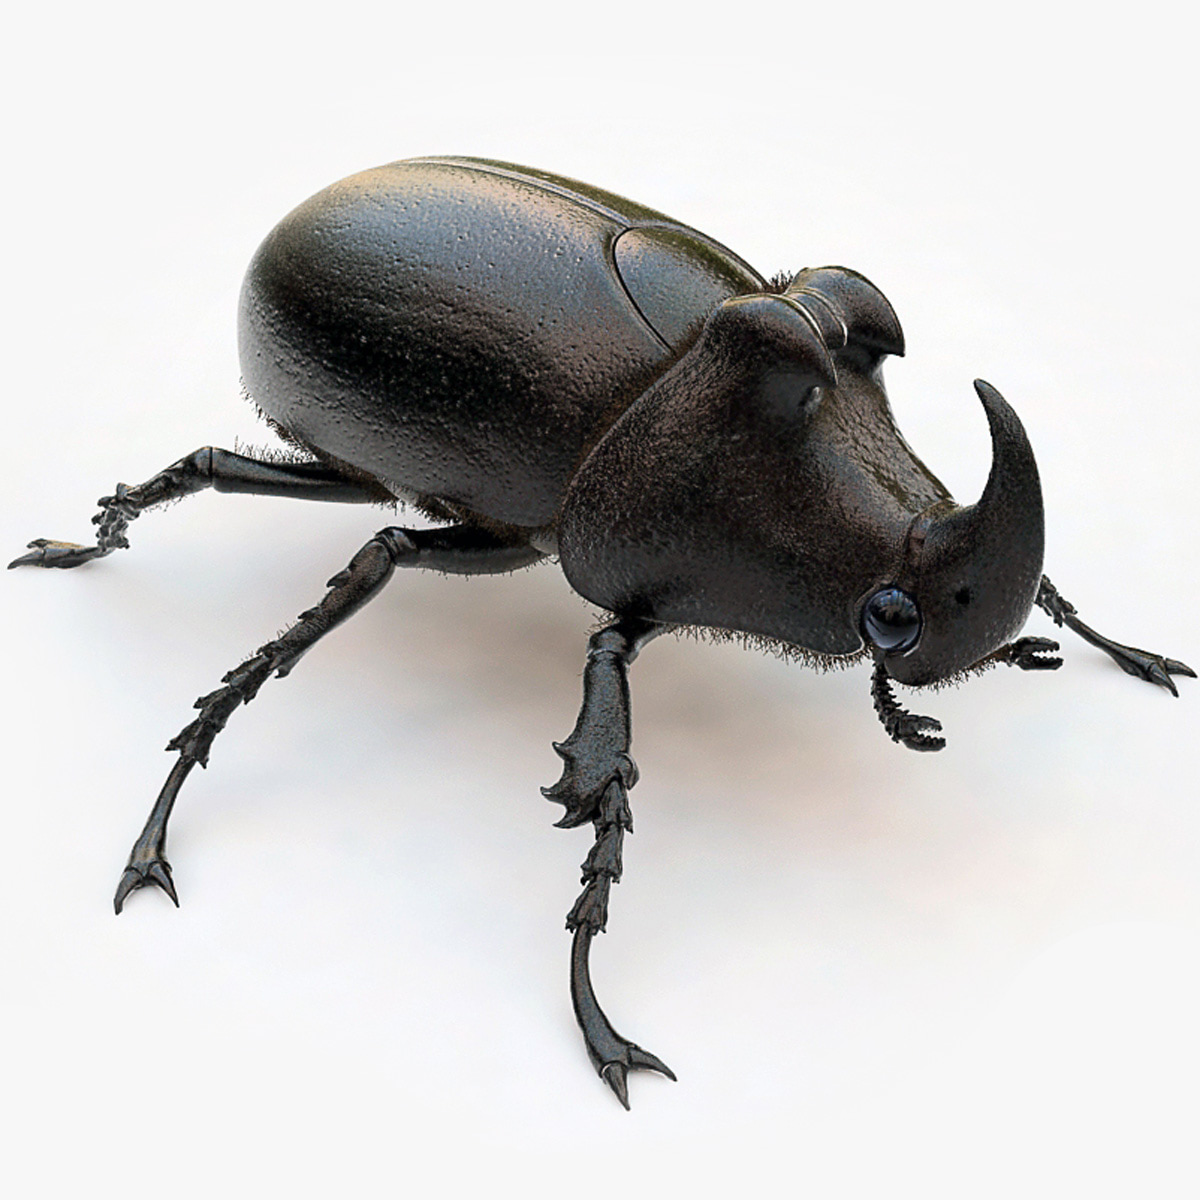 Rhinoceros_Beetle_00.jpg